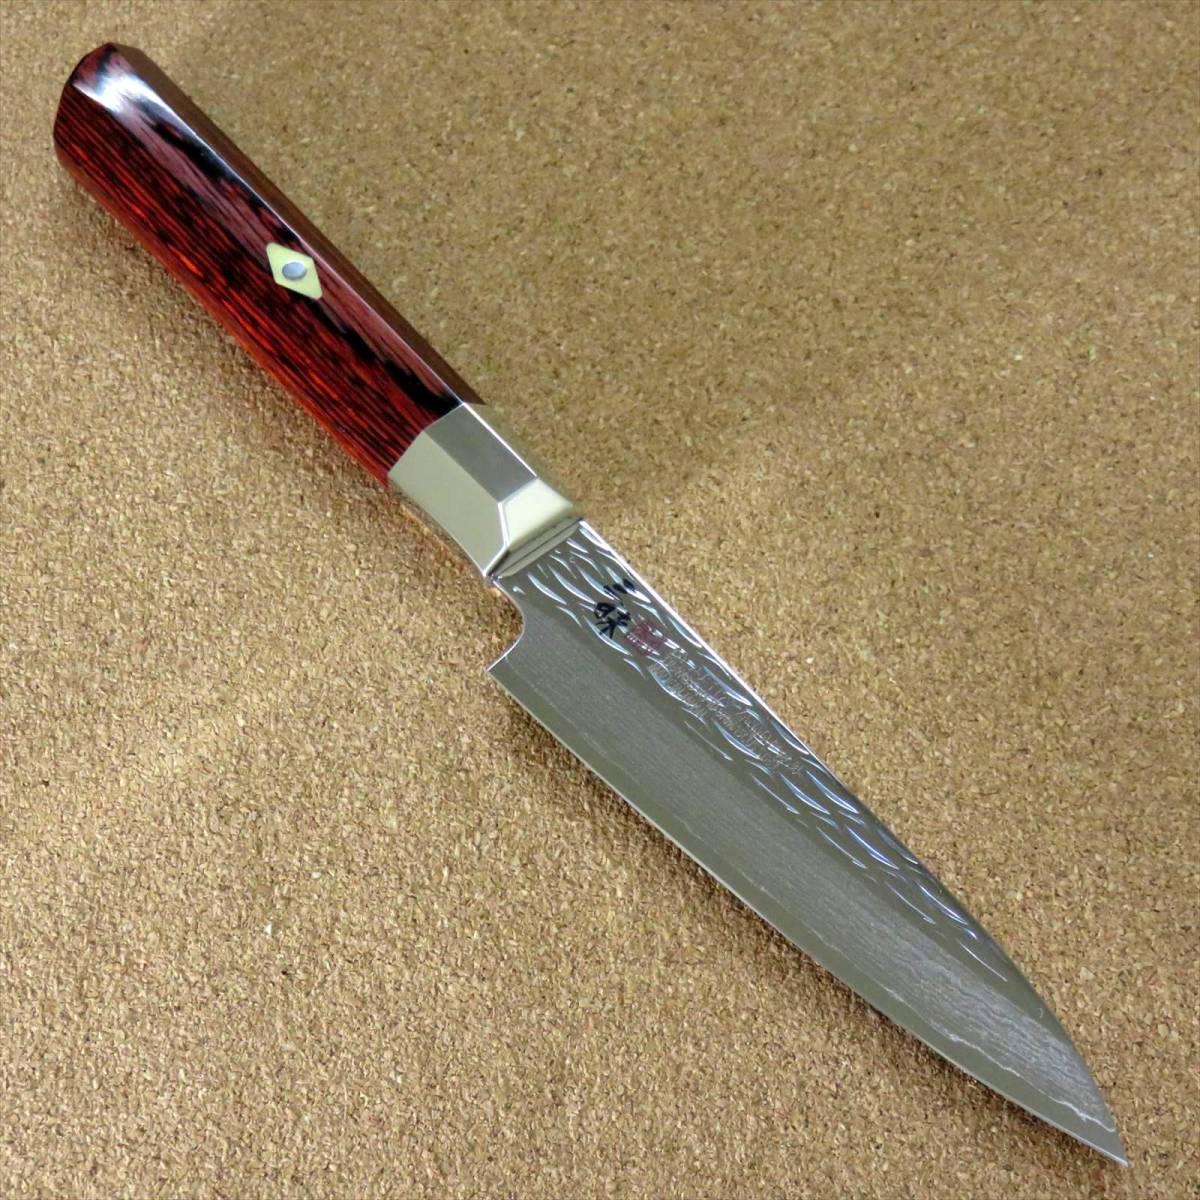 関の刃物 ペティナイフ 11cm (110mm) 三昧 波目 ダマスカス33層 VG-10 ステンレス 赤合板 果物包丁 皮むき 野菜 小型両刃ナイフ 国産日本製_画像1